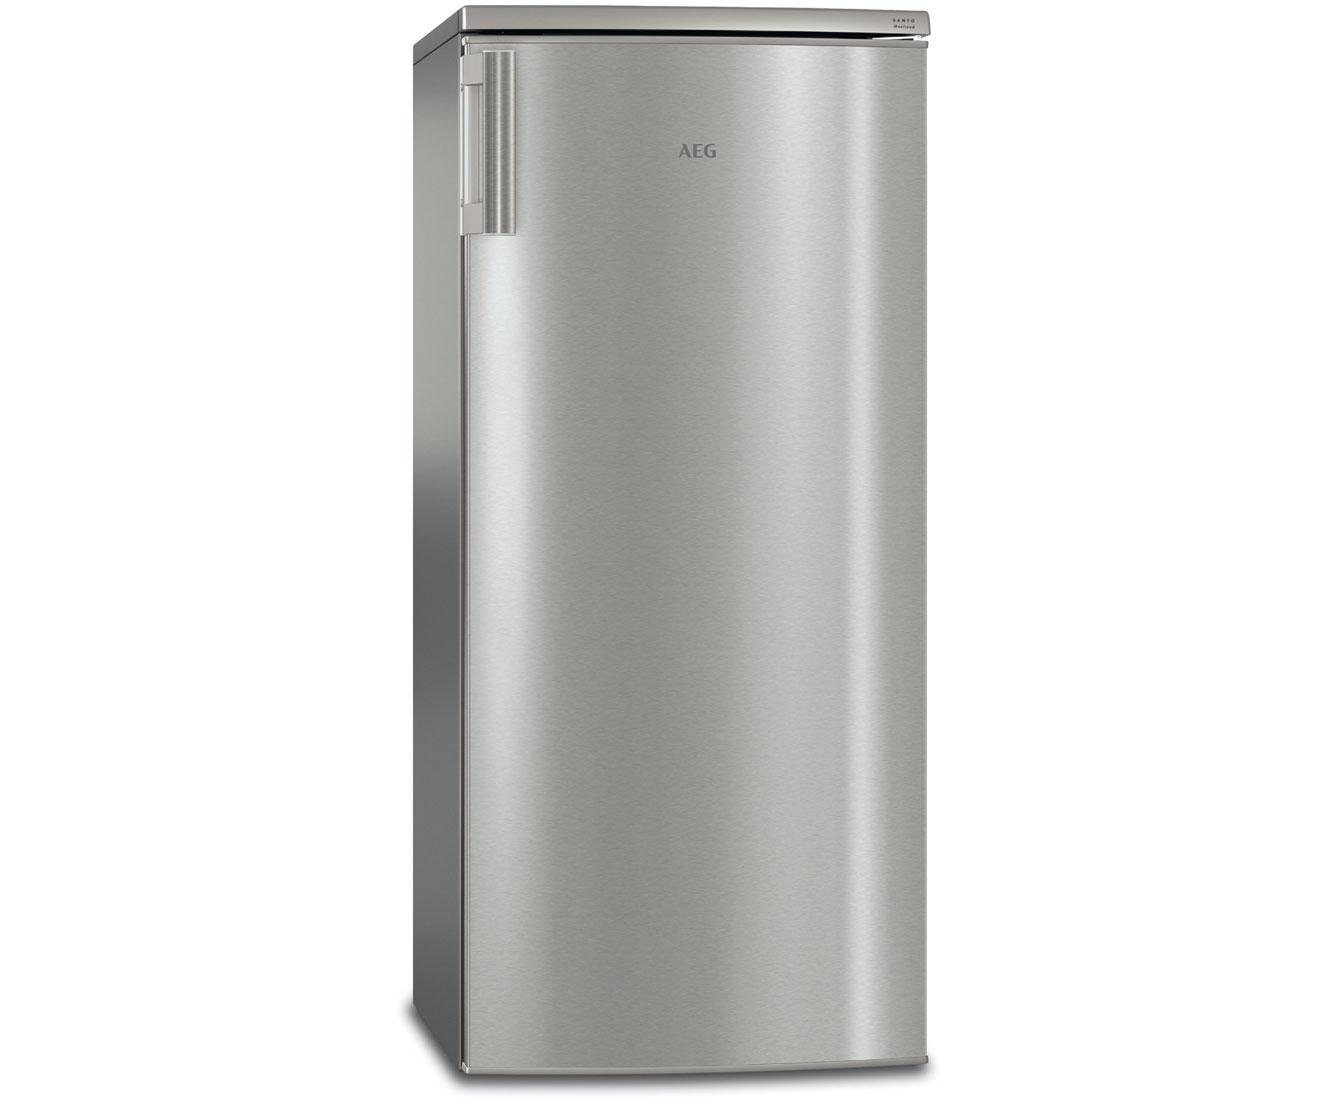 Aeg Kühlschrank Fehler : Aeg rkb ax kühlschrank santo freistehend cm edelstahl neu ebay